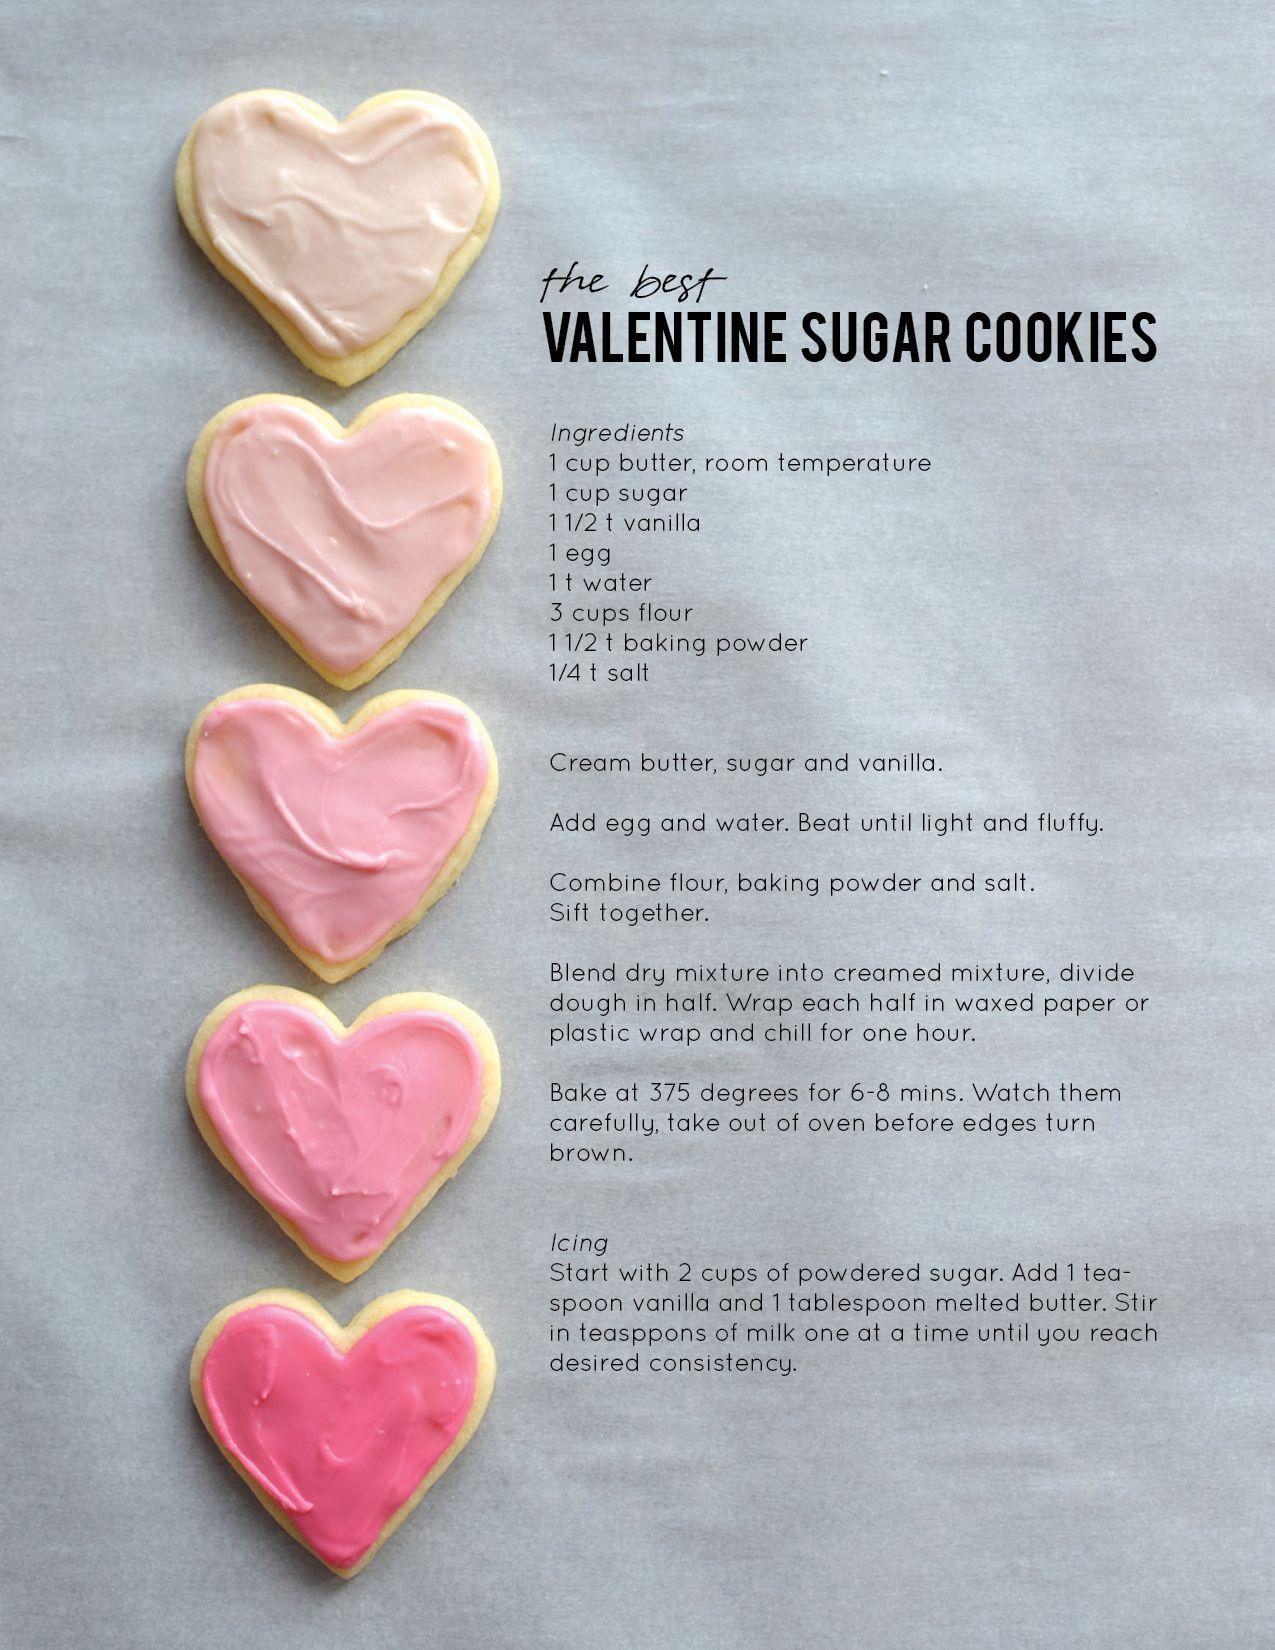 The Best Valentine Sugar Cookies The best Valentin